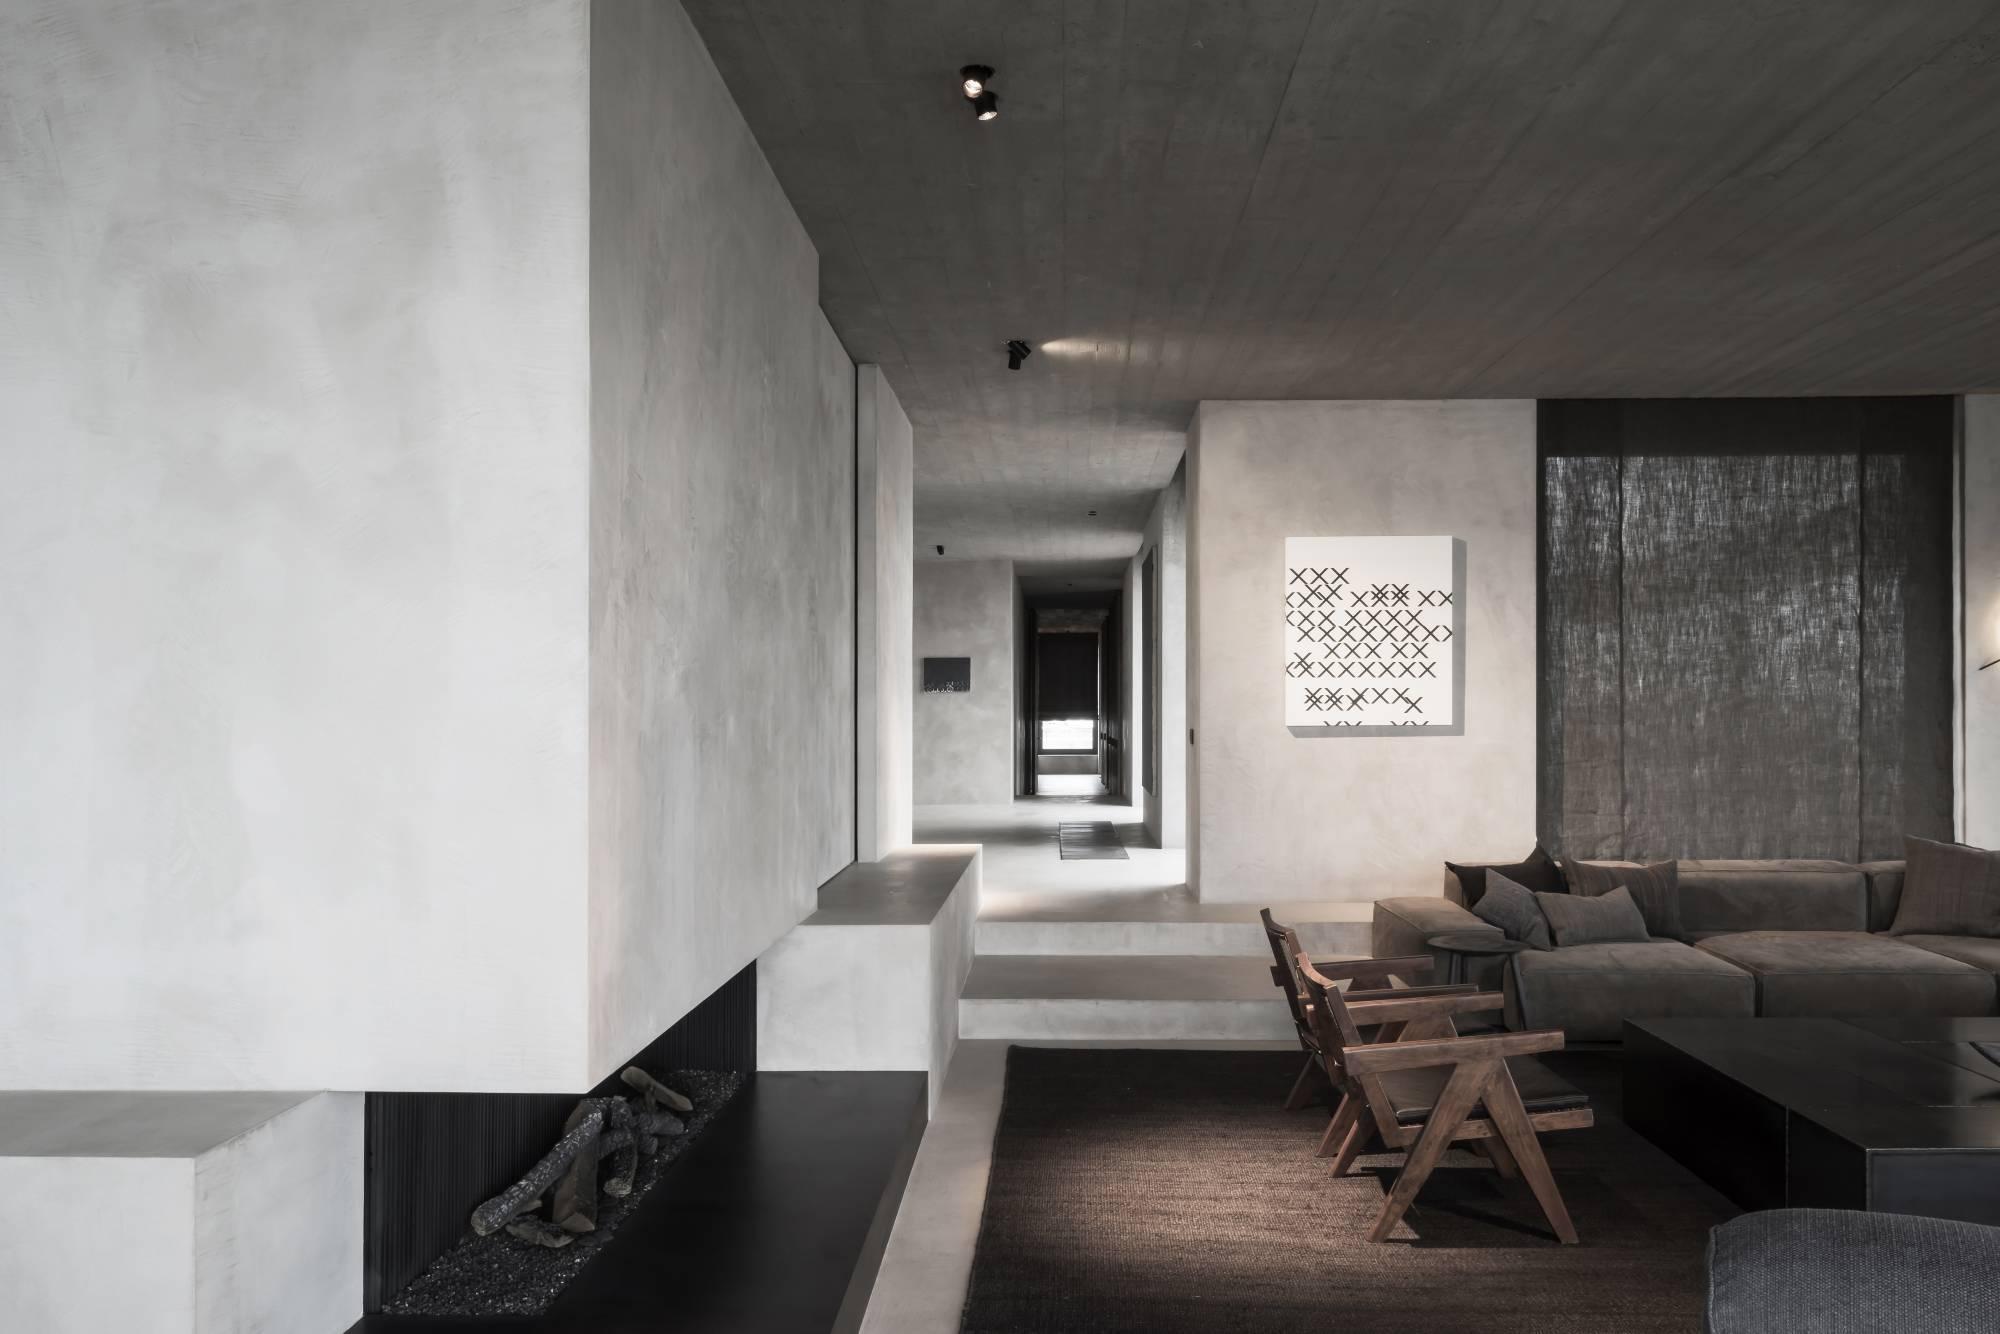 Vincent Van Duysen C Penthouse ©Koen Van Damme